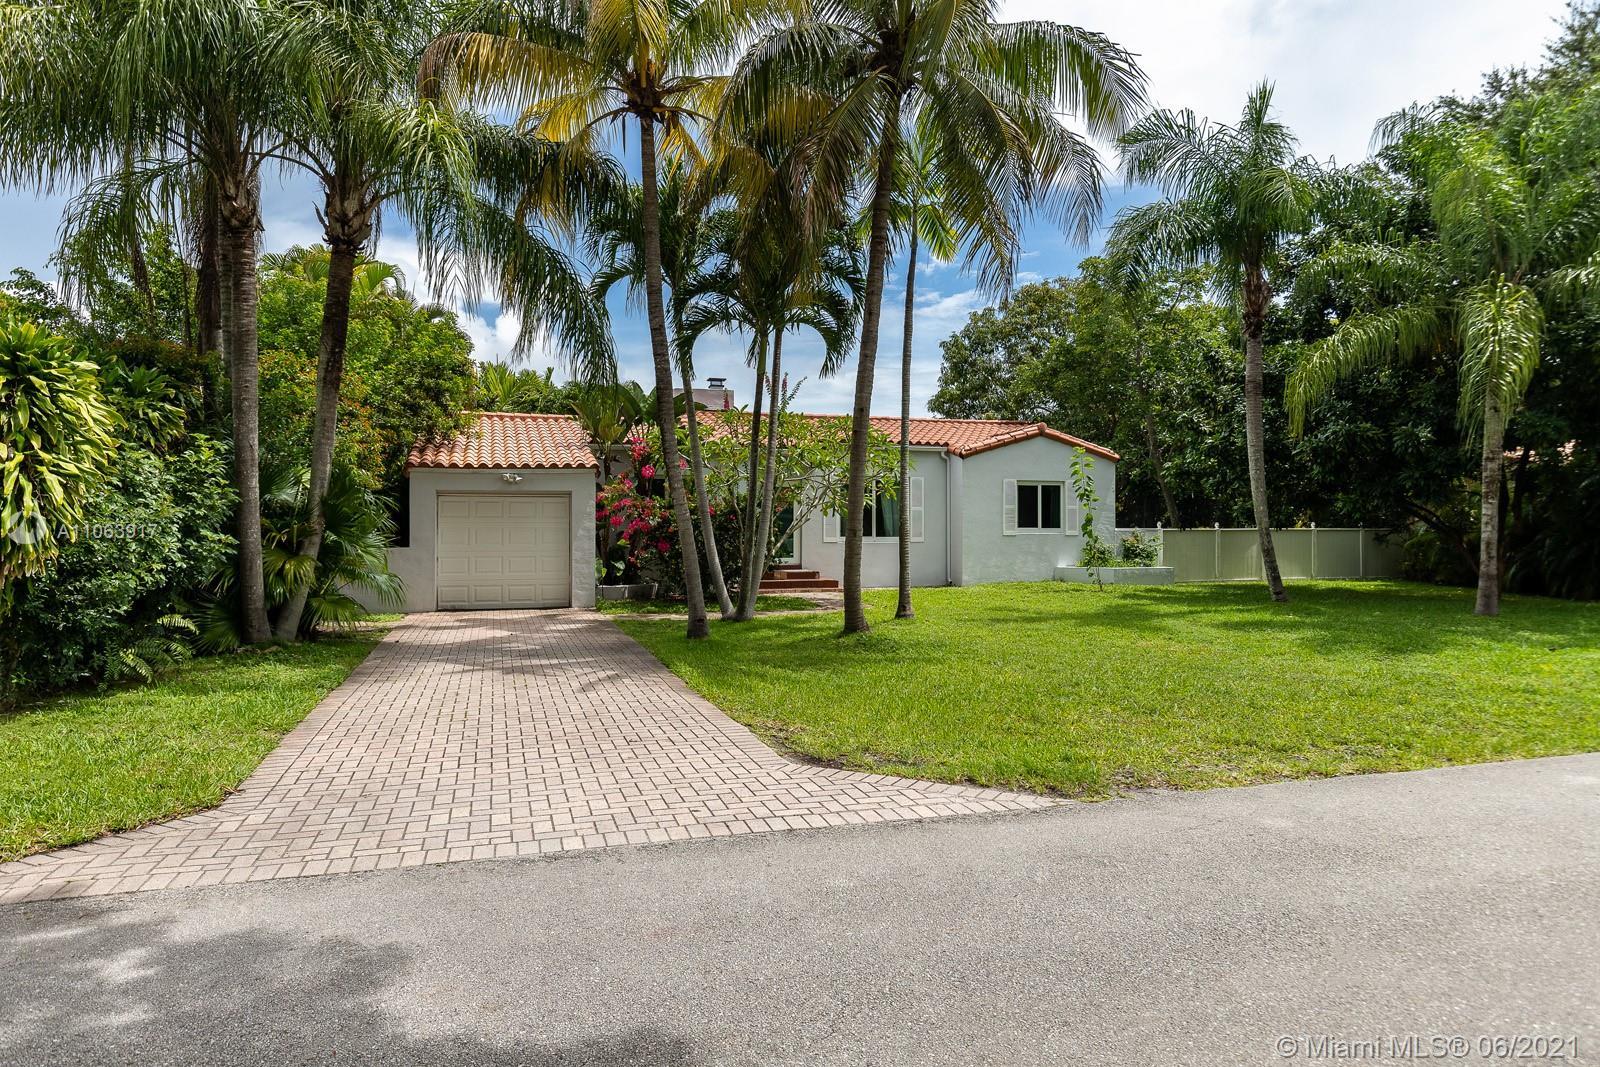 Miami Shores - 77 NW 99th St, Miami Shores, FL 33150